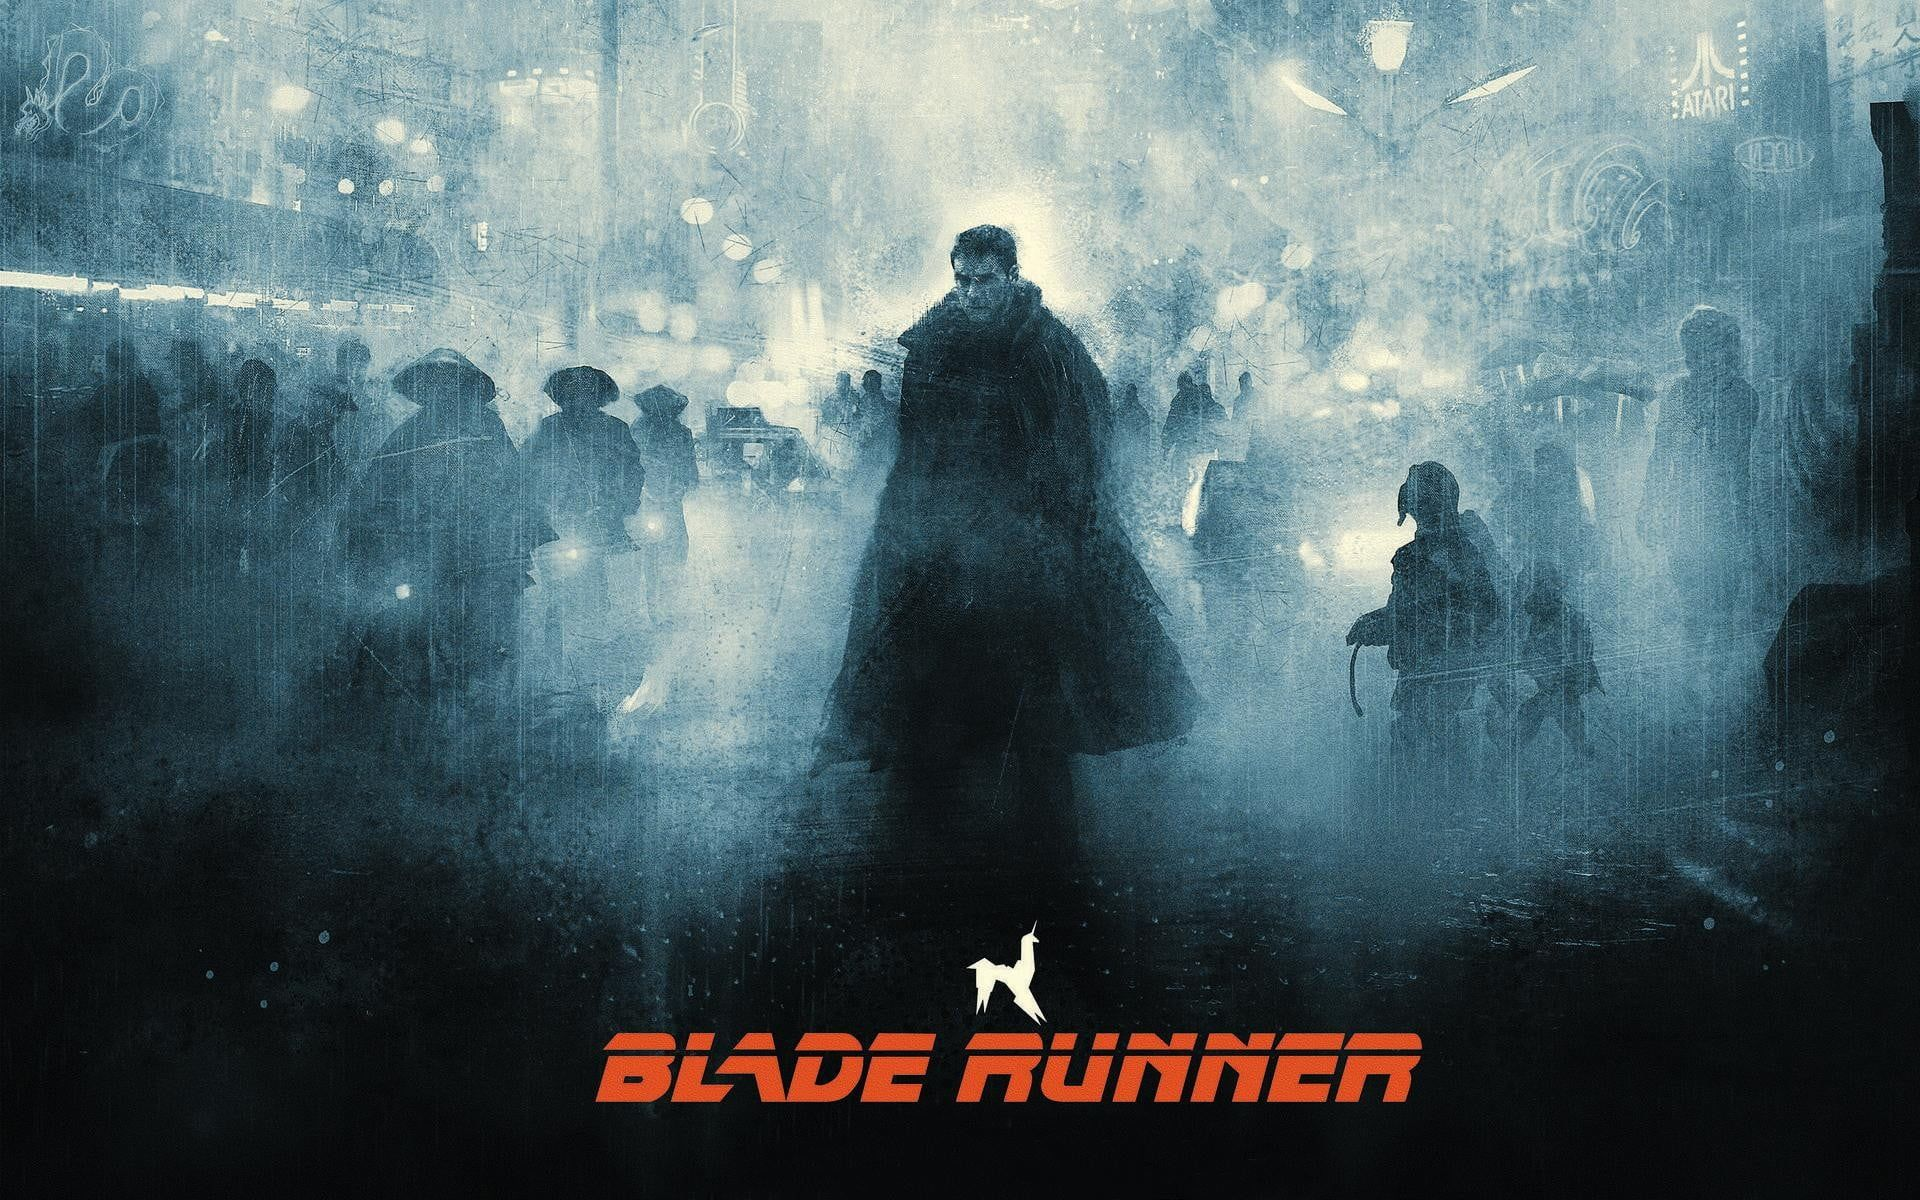 Blade Runner Digital Wallpaper Blade Runner Digital Art Science Fiction Movies Harrison Ford Blade Runner Wallpaper Blade Runner Blade Runner 2049 Wallpaper